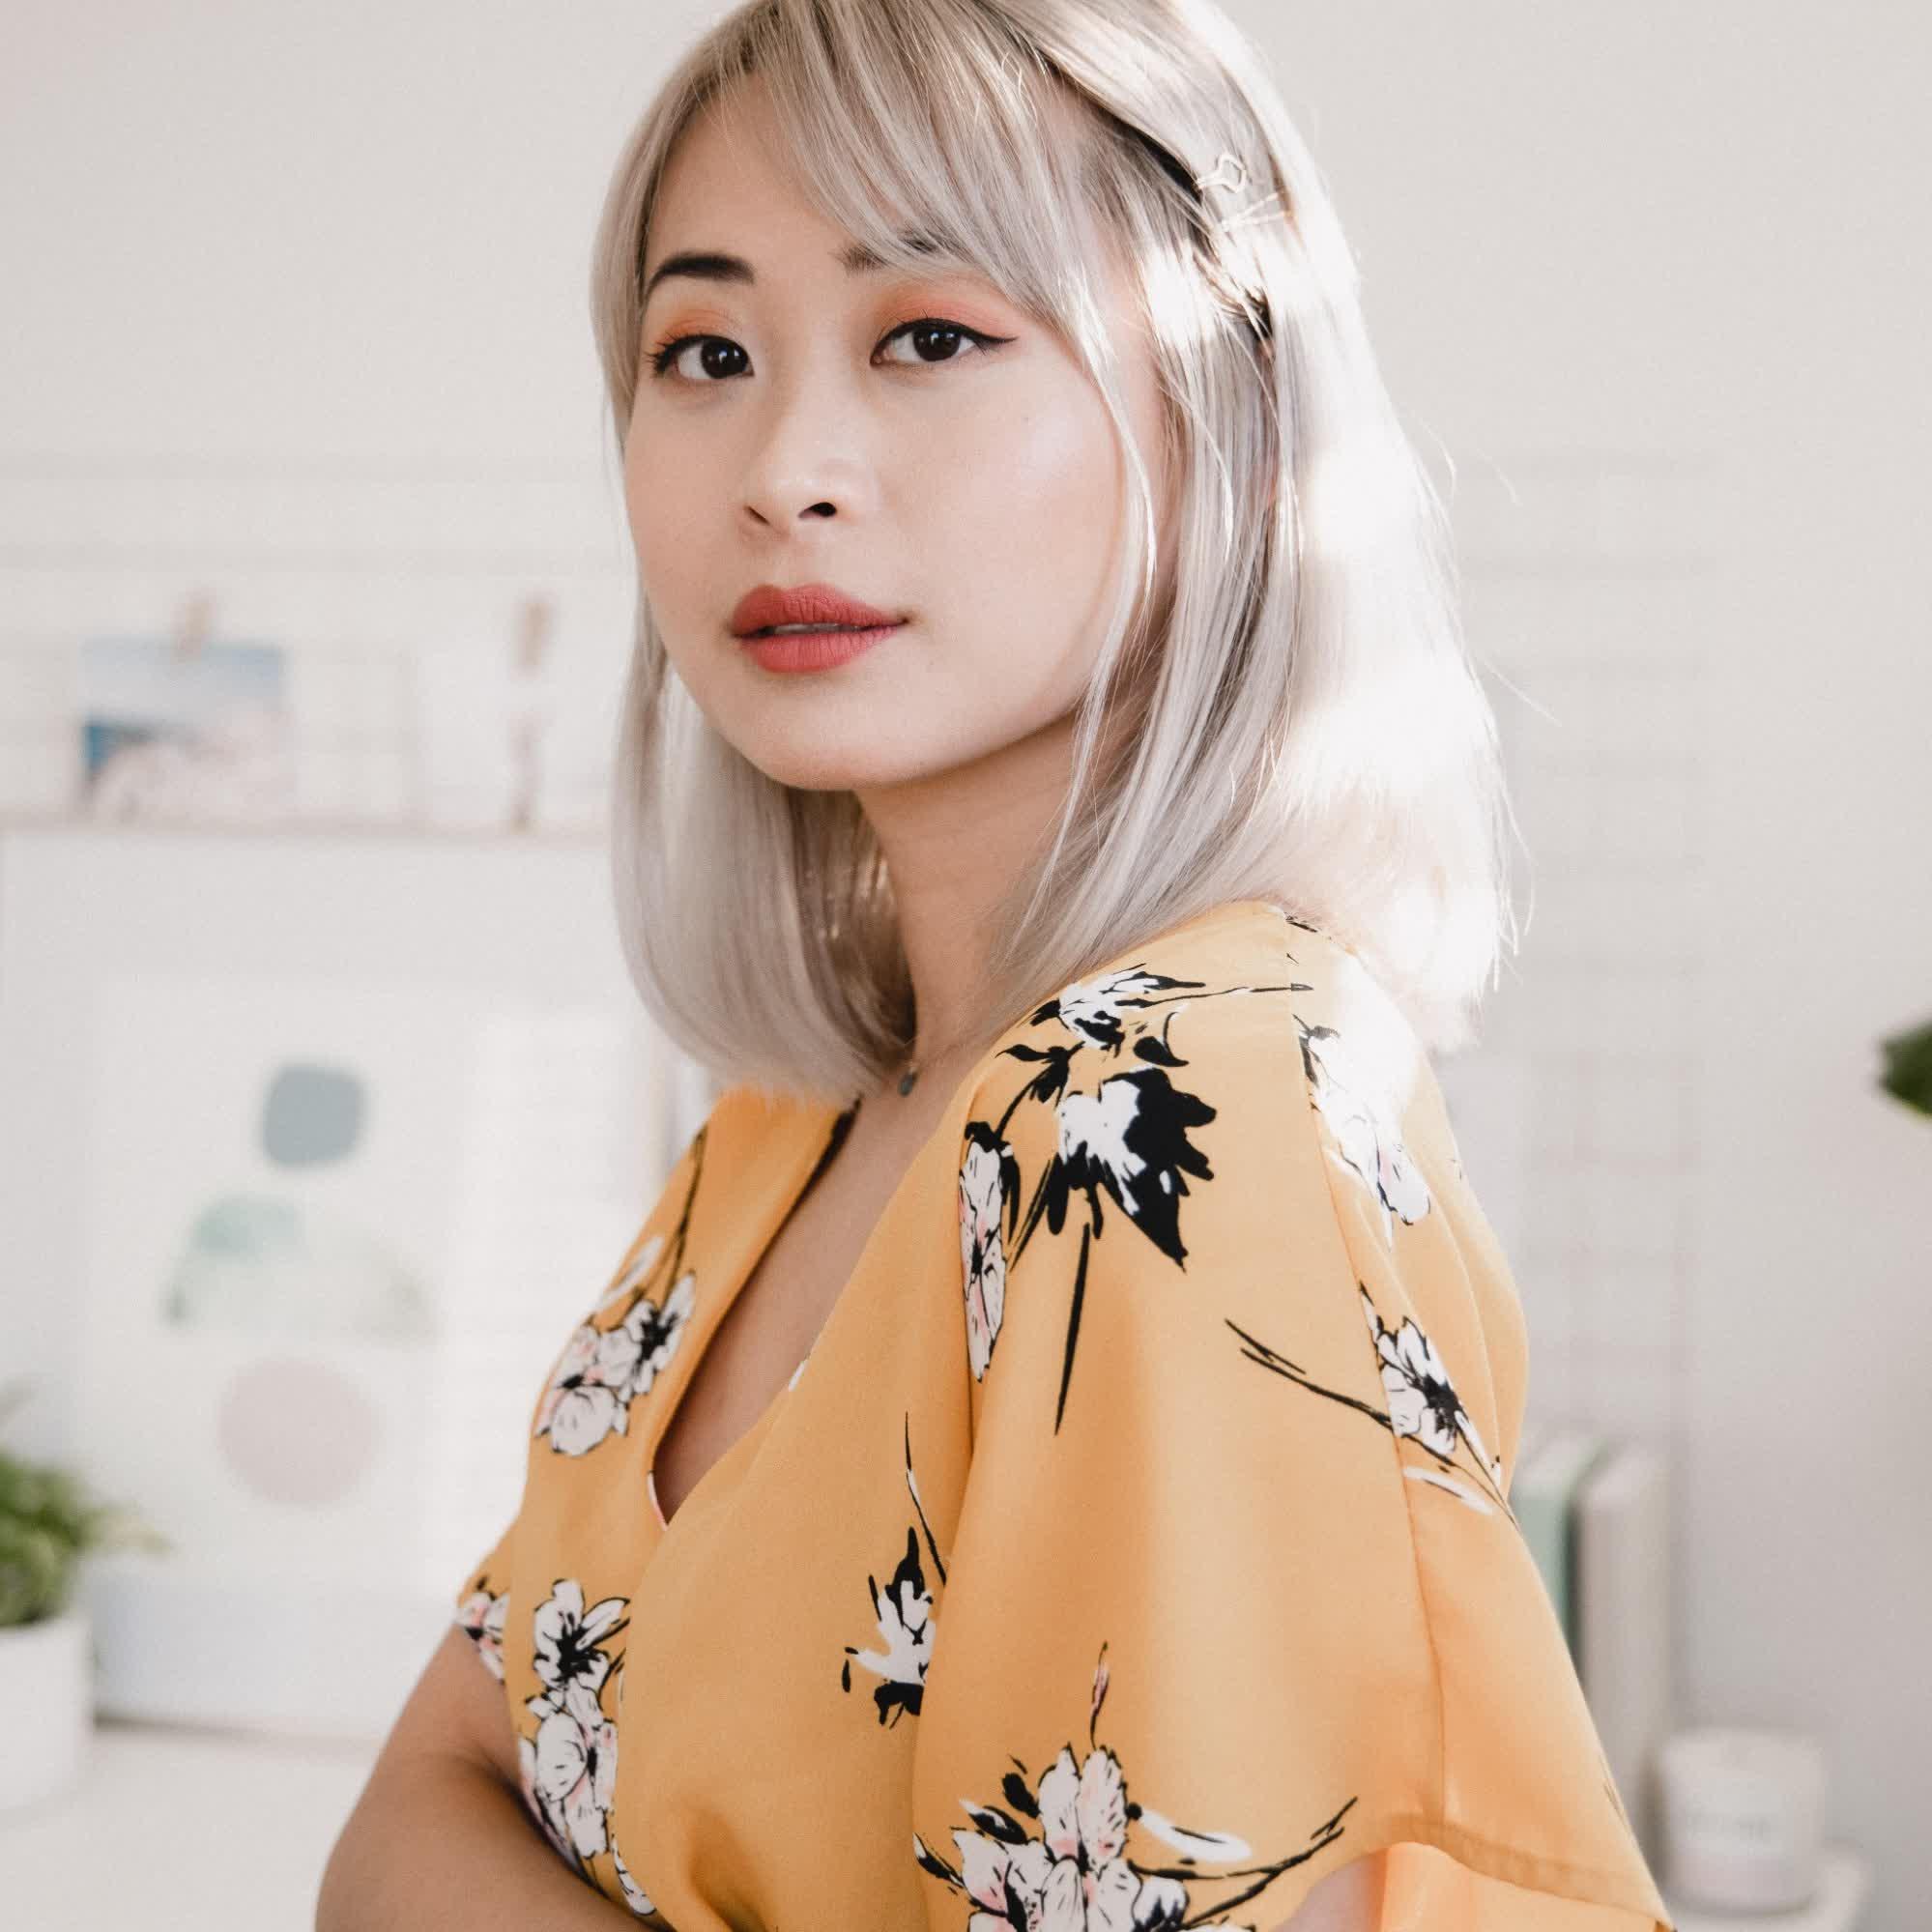 # 13 - Aileen Xu